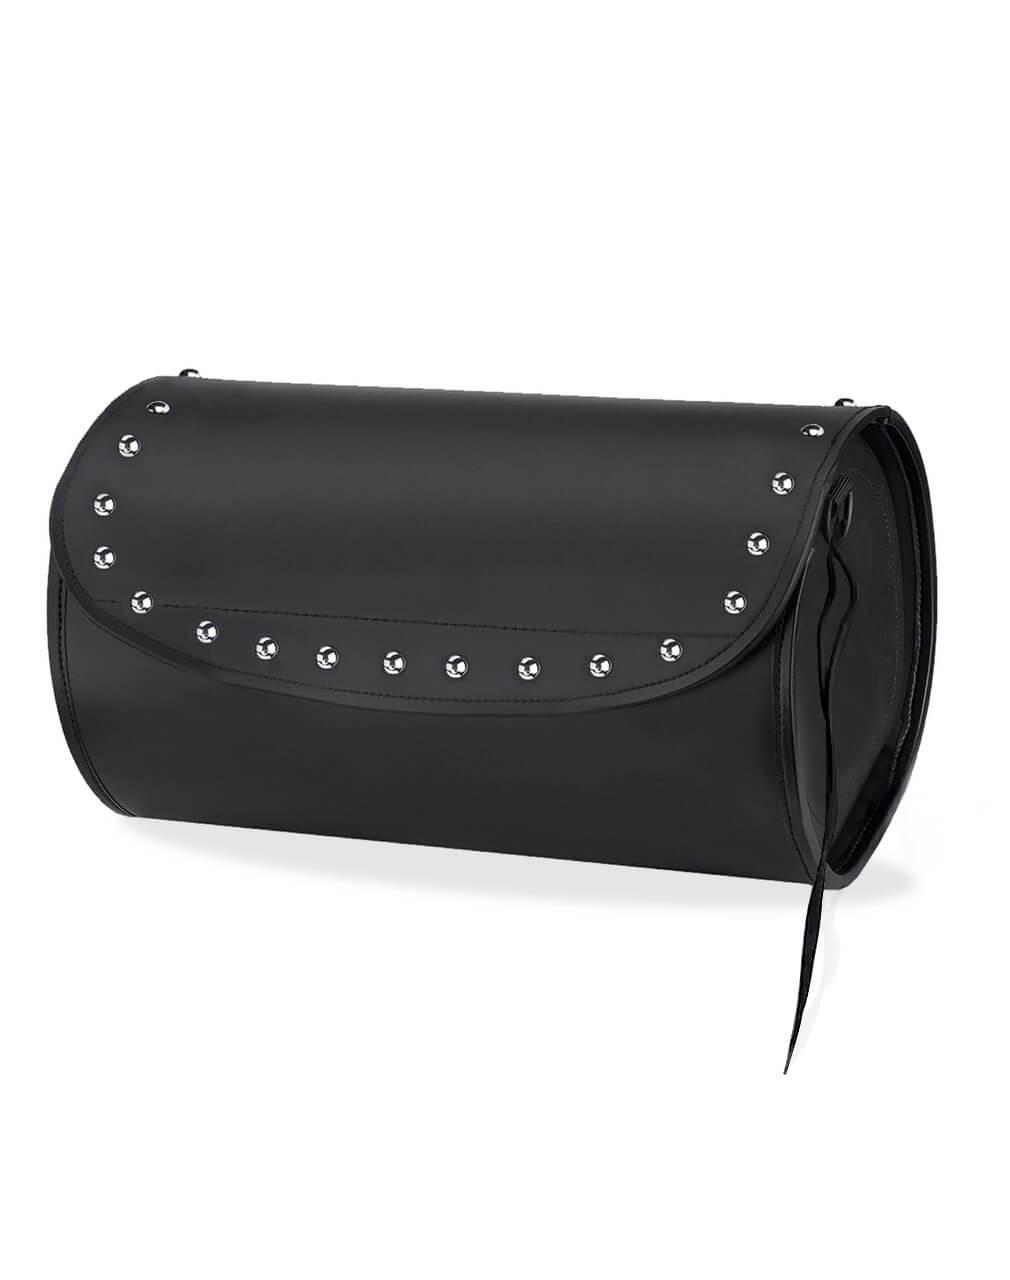 Kawasaki Viking Revival Series Studded Motorcycle Sissy Bar Bag Roll Bag